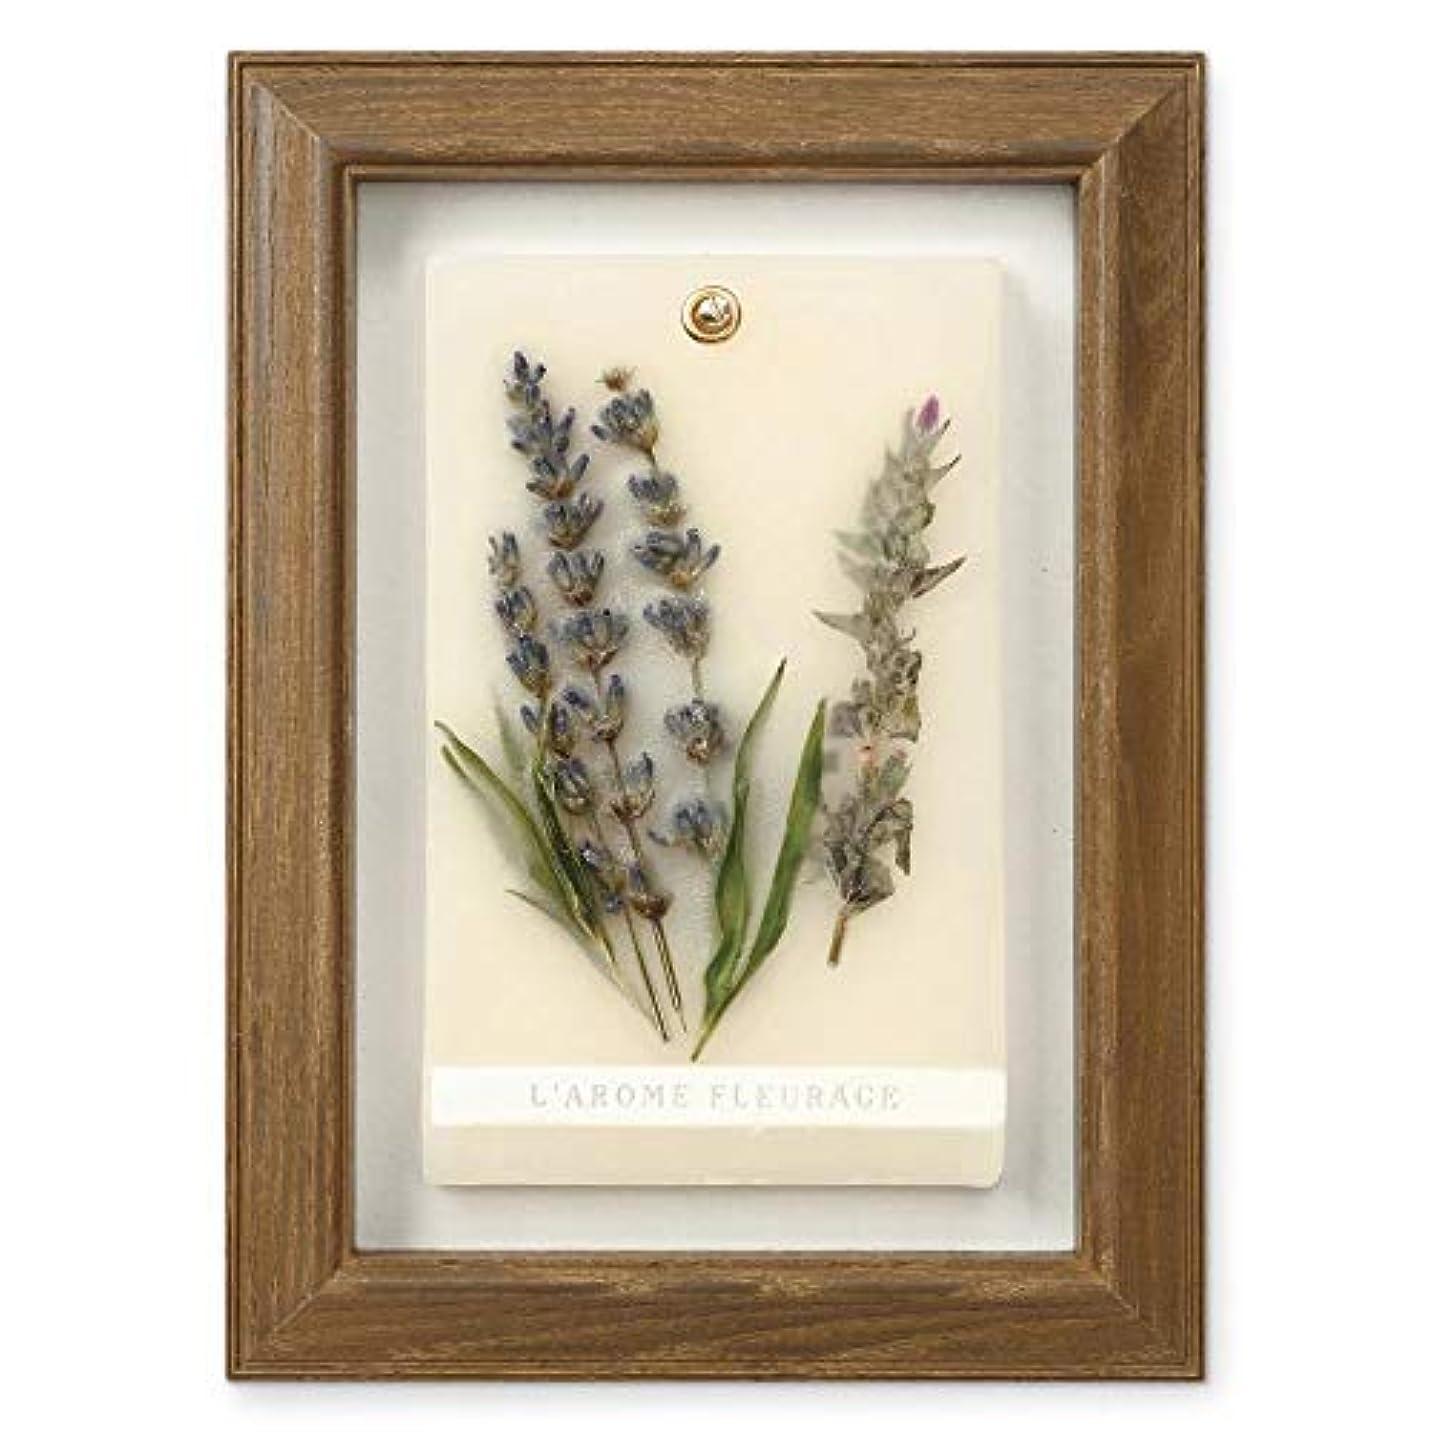 破壊的な先にミッションFLEURAGE(フルラージュ) アロマワックスサシェ ラベンダーの香り Lavender×AntiqueBrown KH-61119